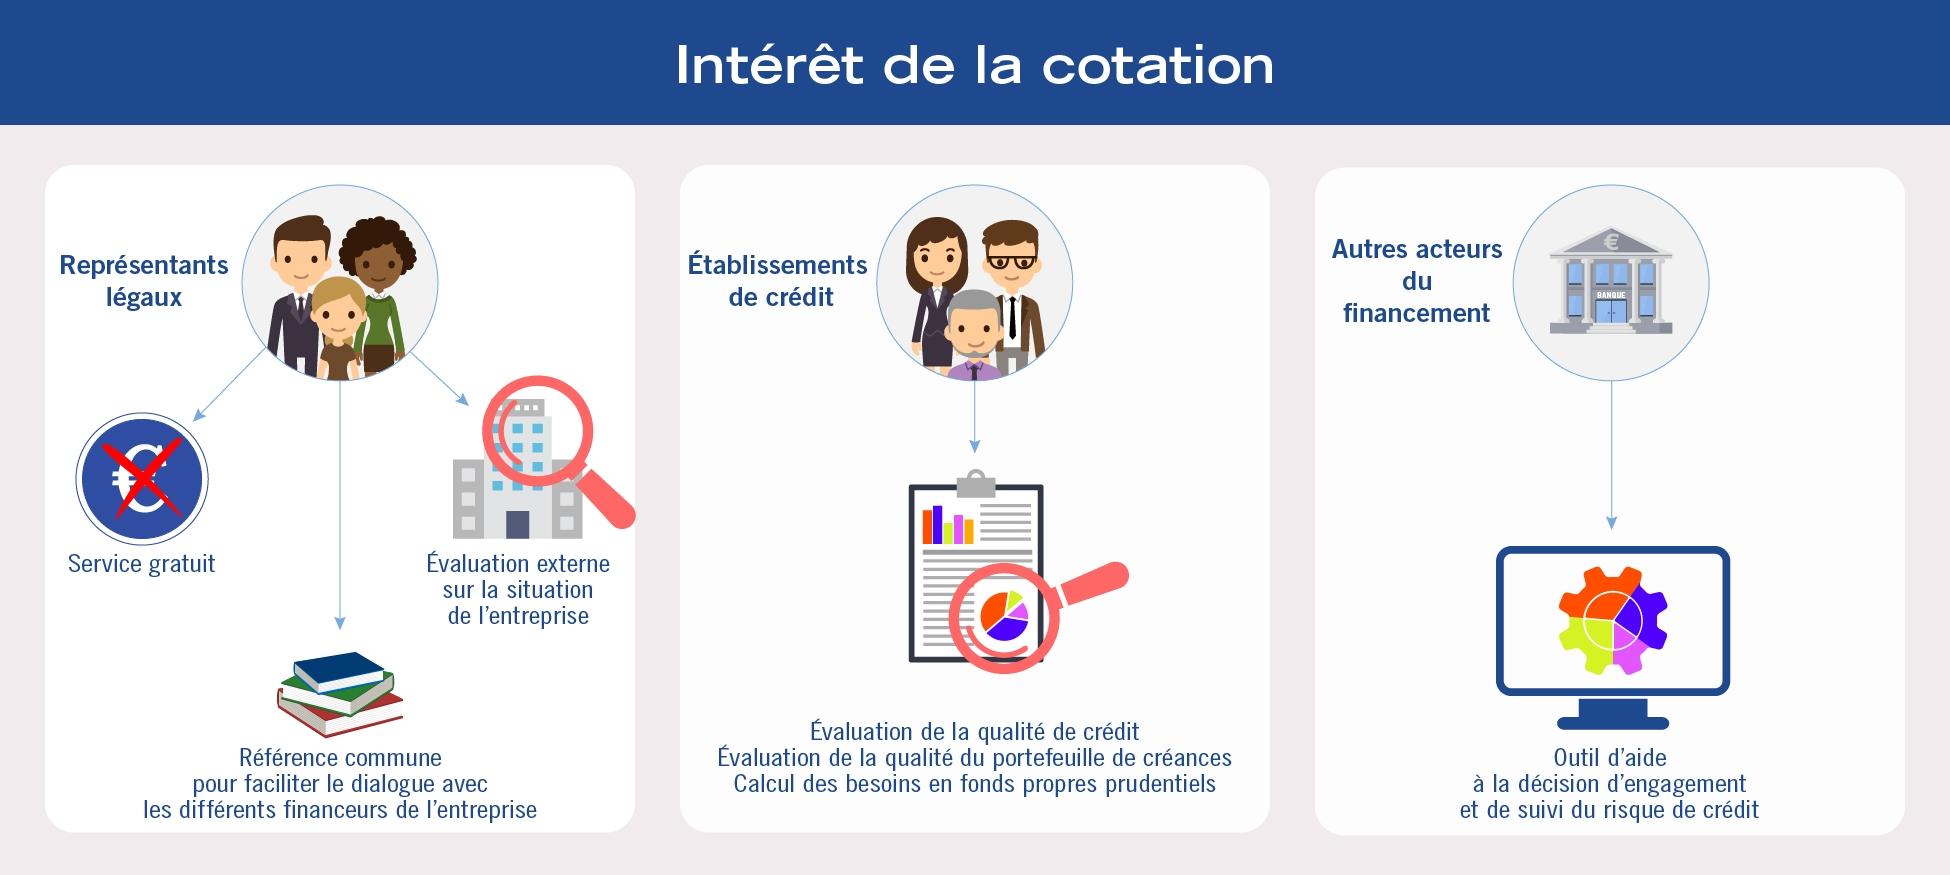 Cotationinteret.png